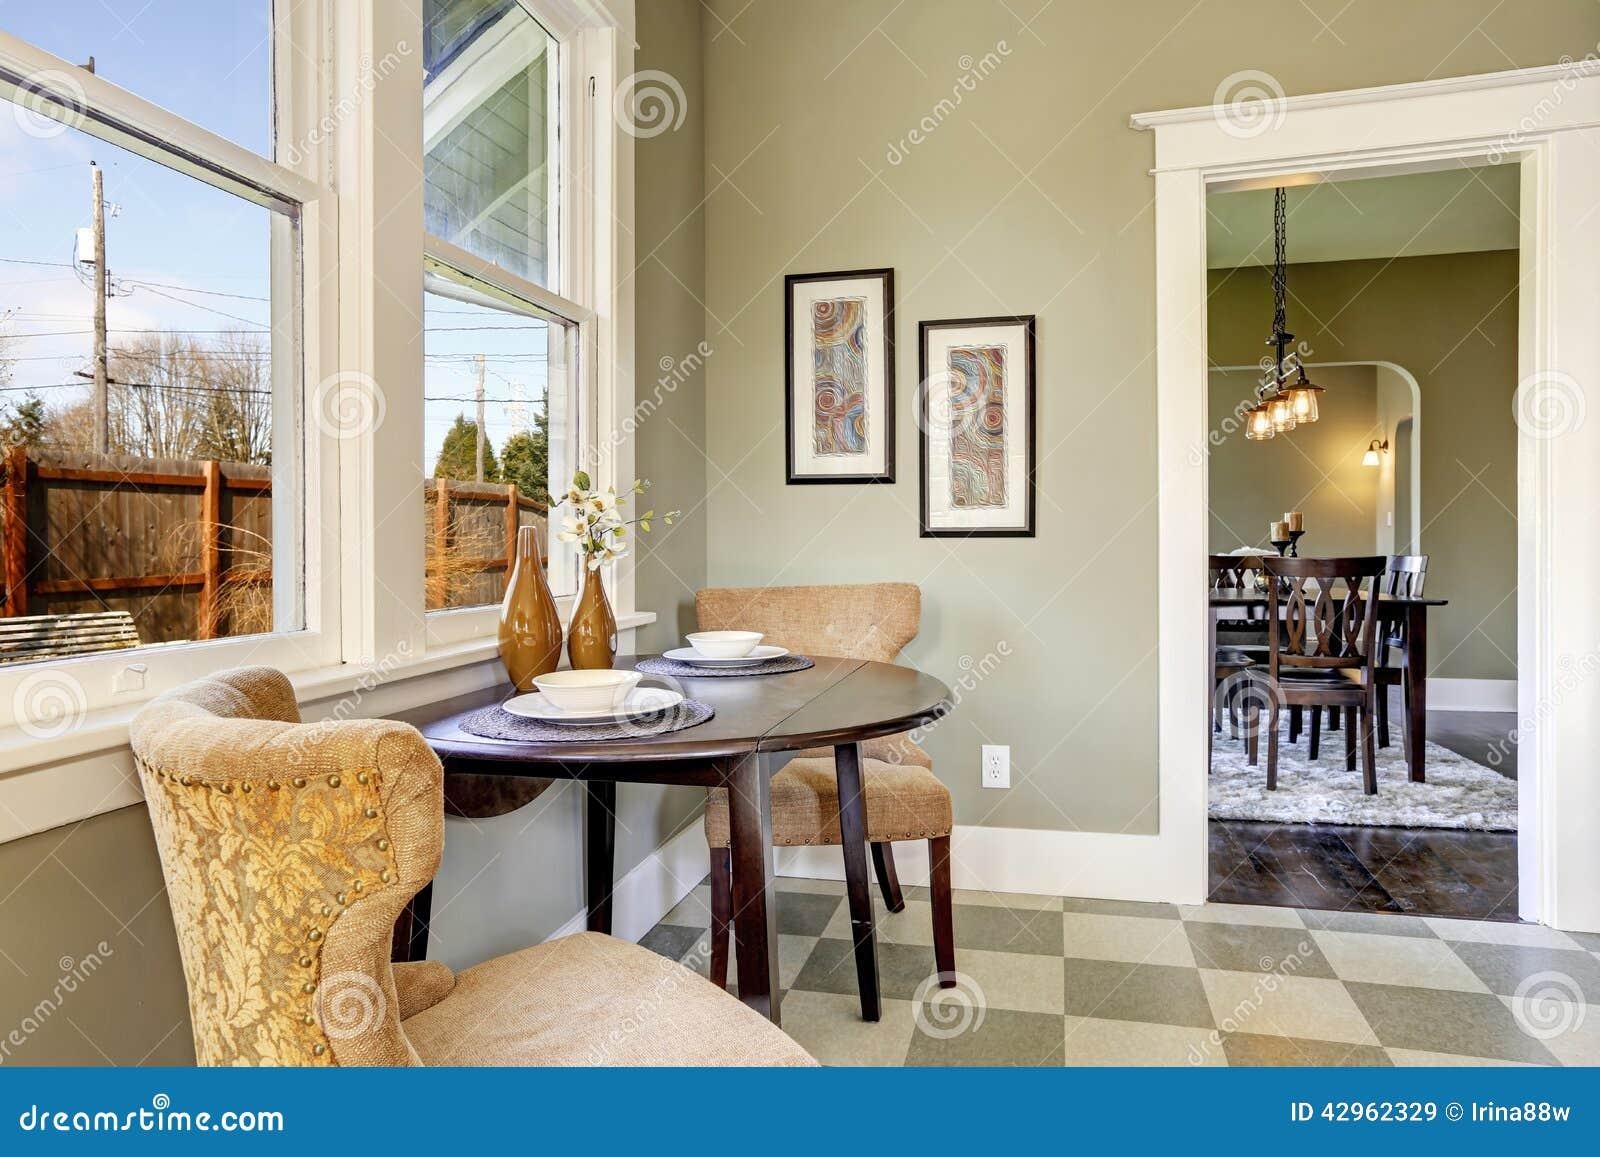 petite salle manger dans la chambre de cuisine image stock image 42962329. Black Bedroom Furniture Sets. Home Design Ideas